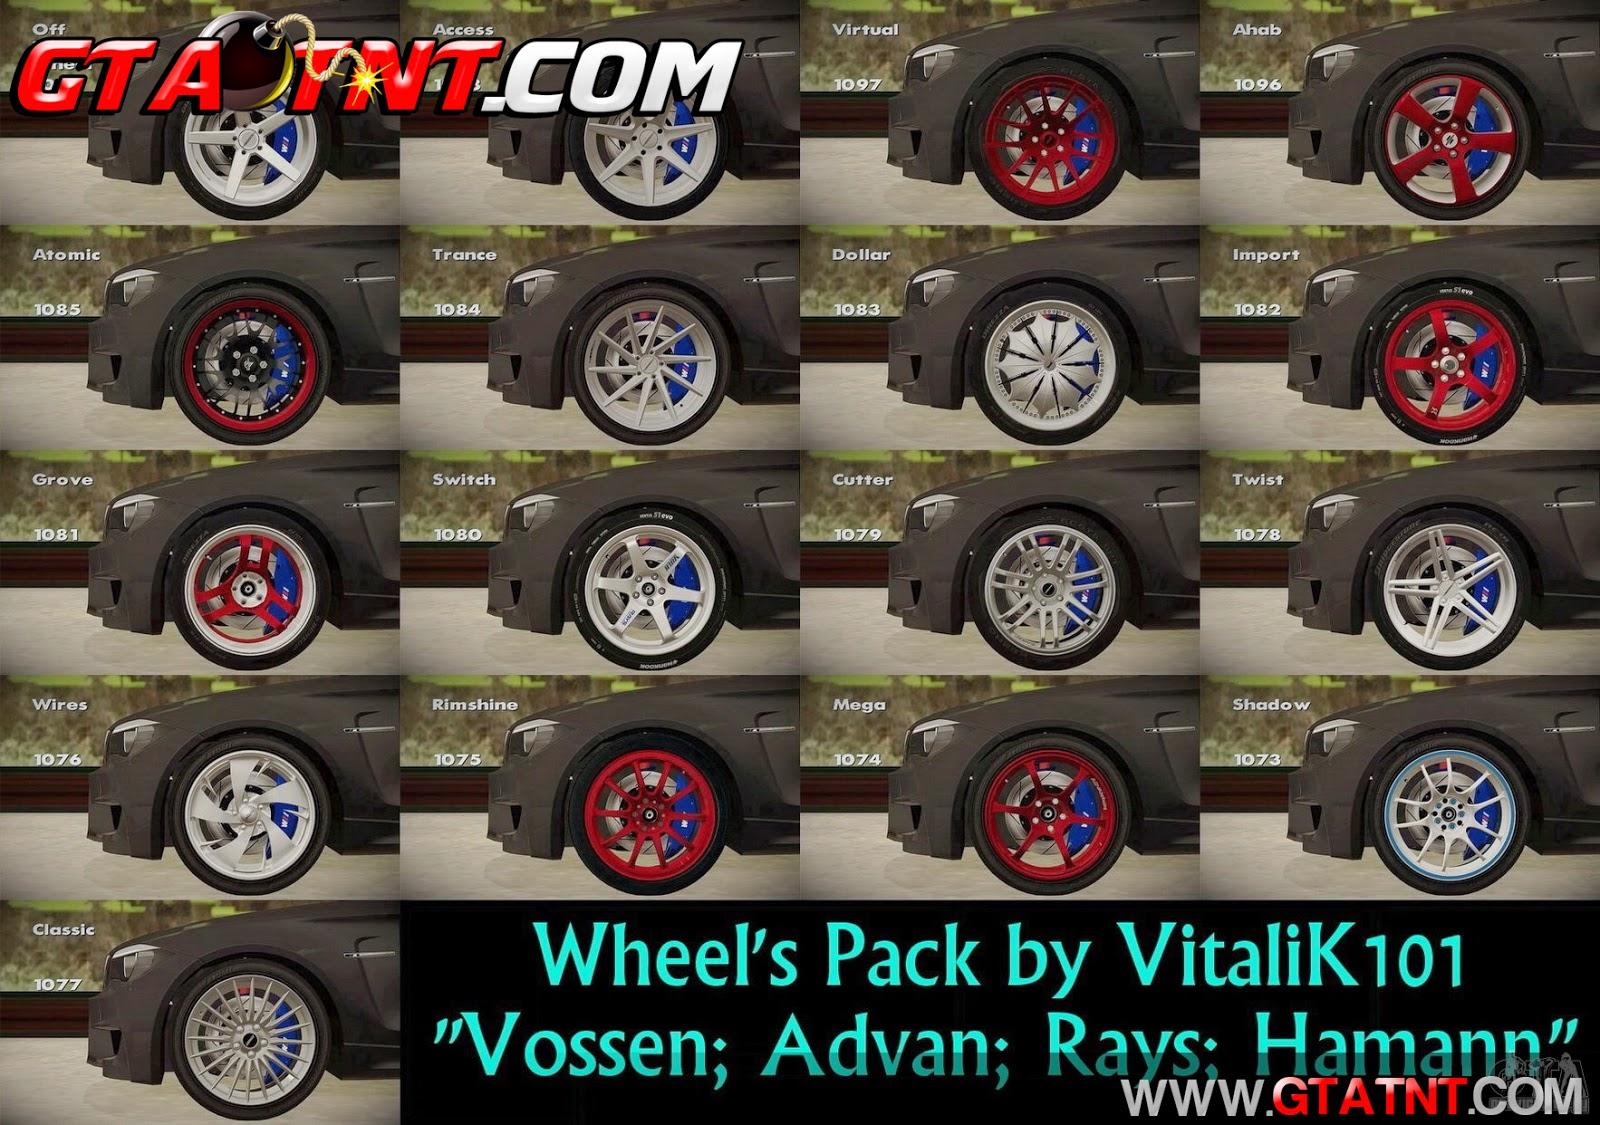 Pack de rodas VitaliK101 para GTA San Andreas